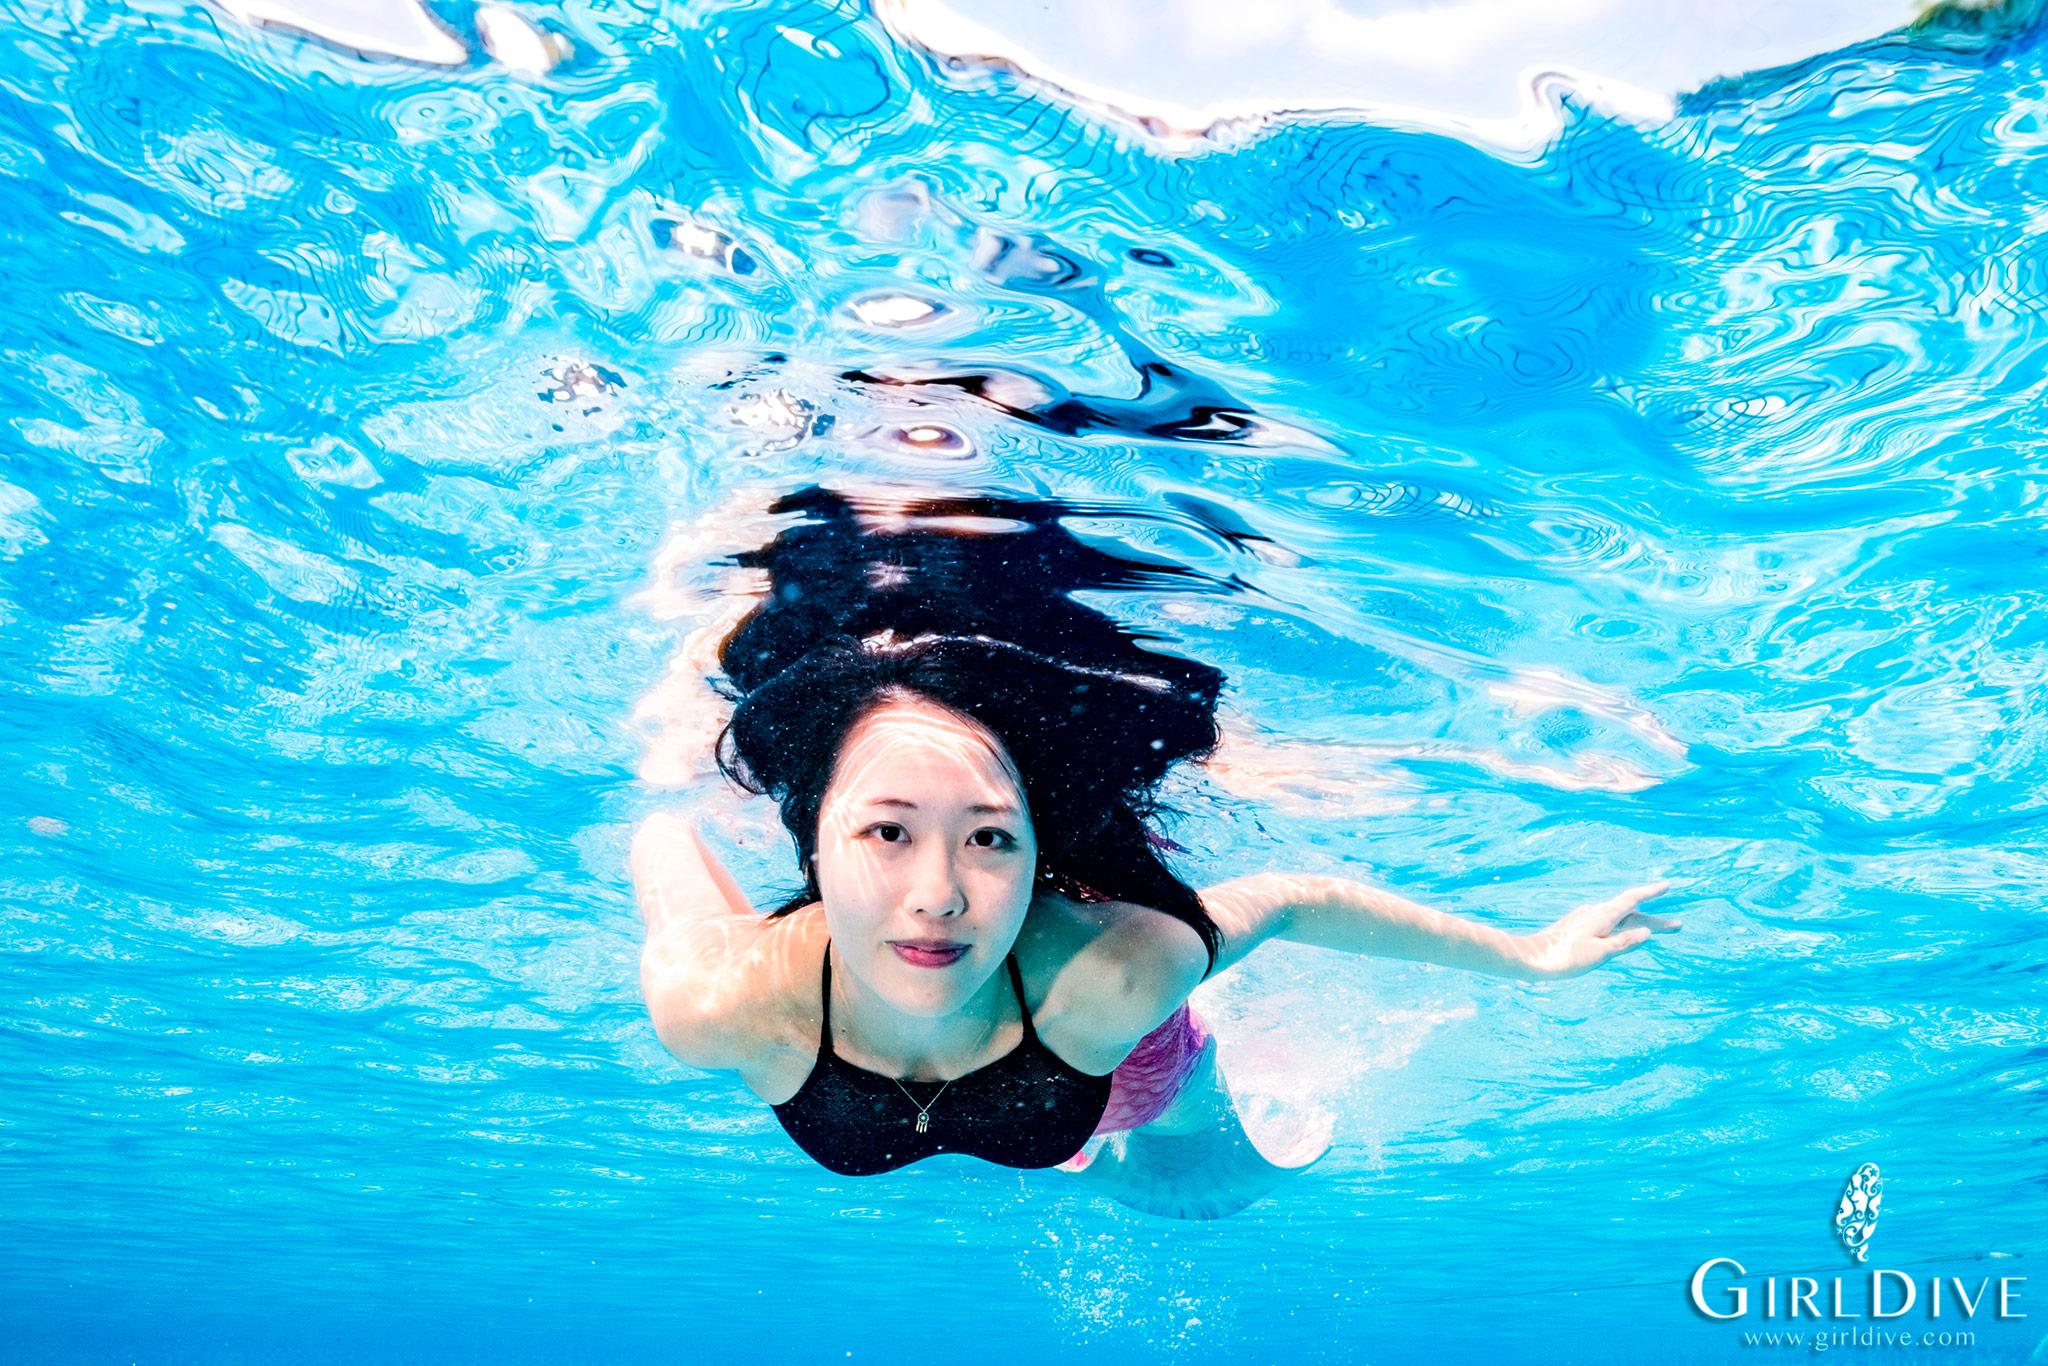 美人魚,泳池,墾丁,課程,水中寫真